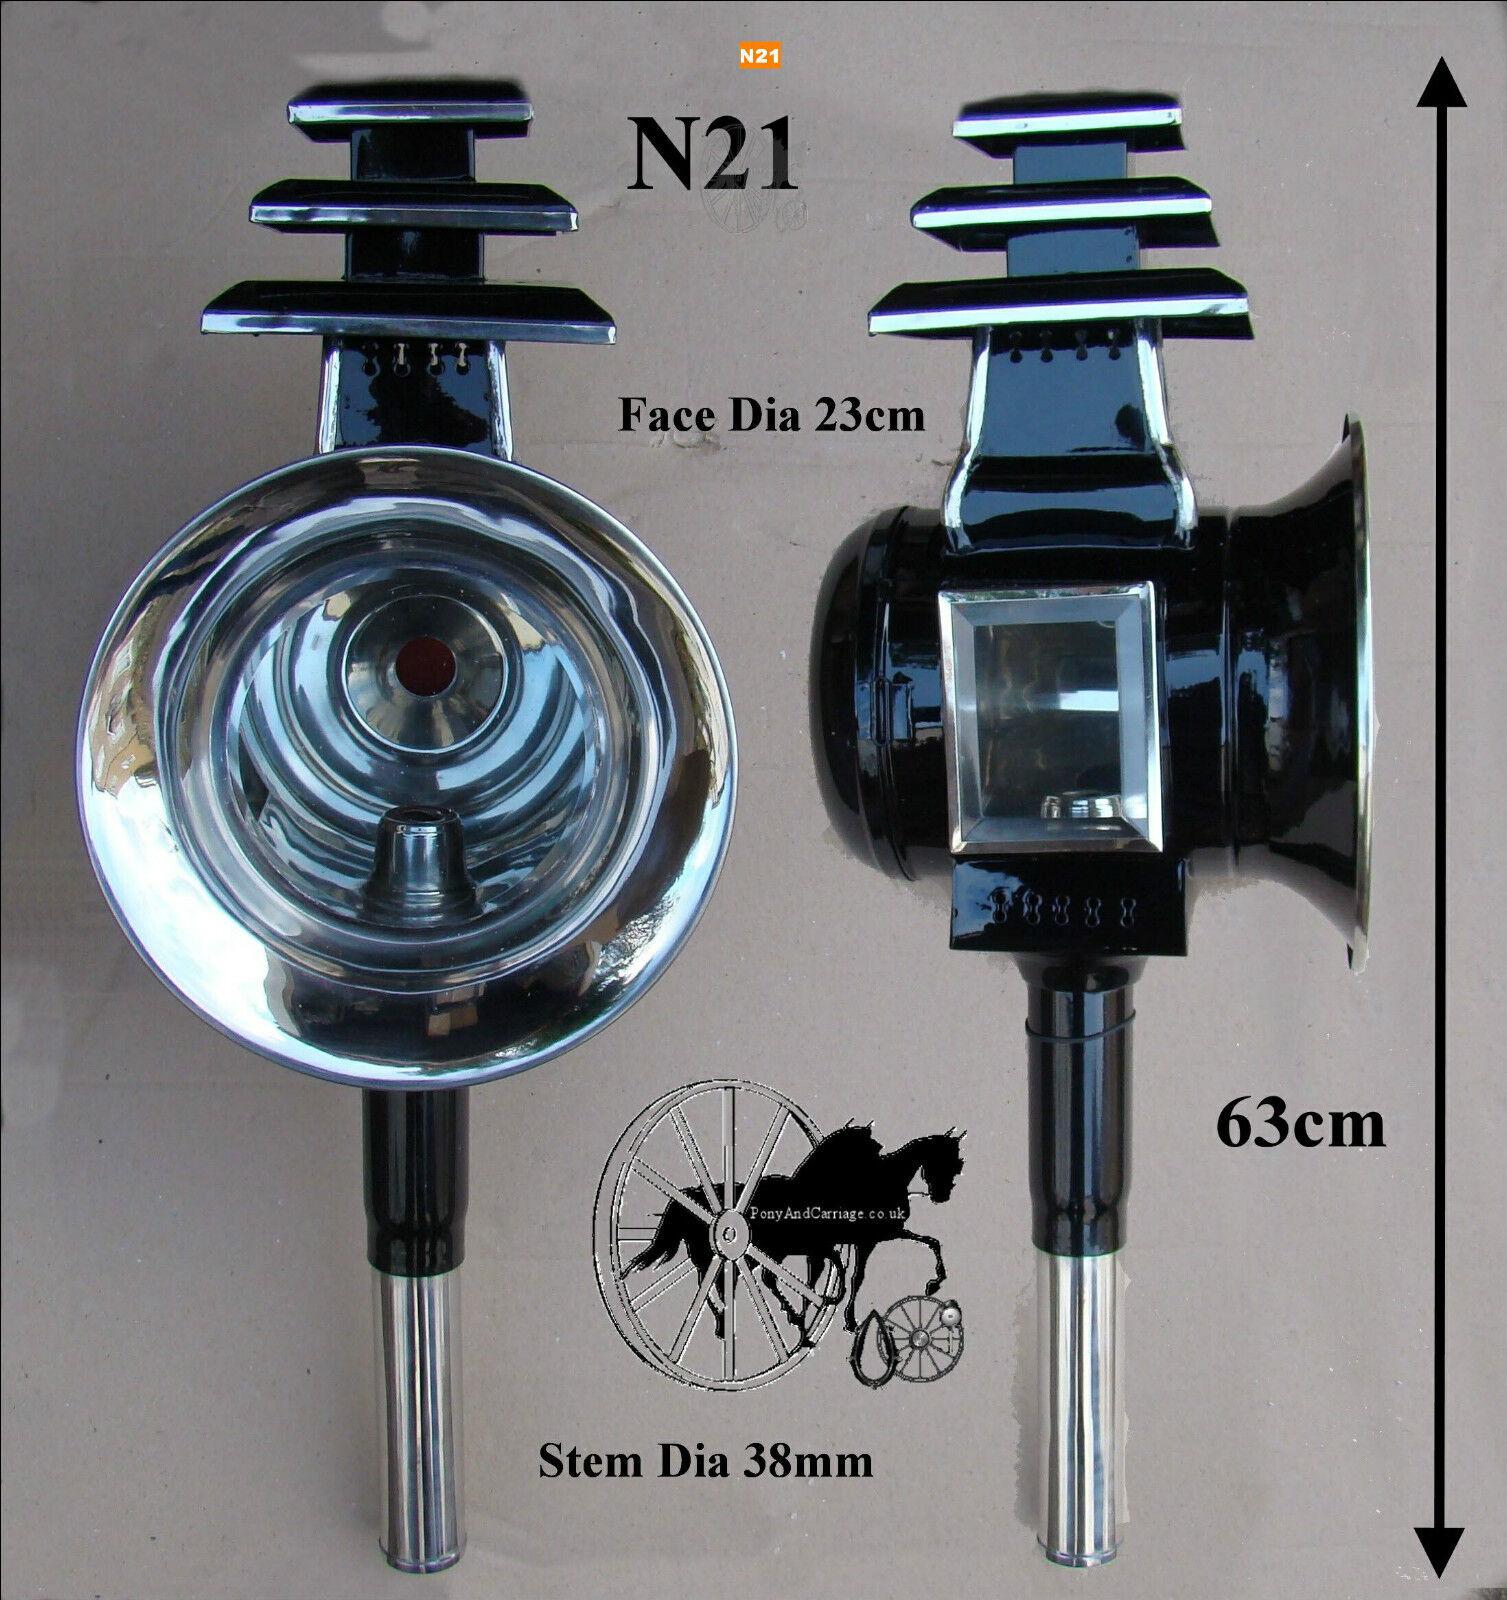 CAVtuttiO autoROZZA autorozza luci GReE CAVtuttiO DIuominiIONI IN OTTONE o decorazione in mettuttio bianco N22 N22